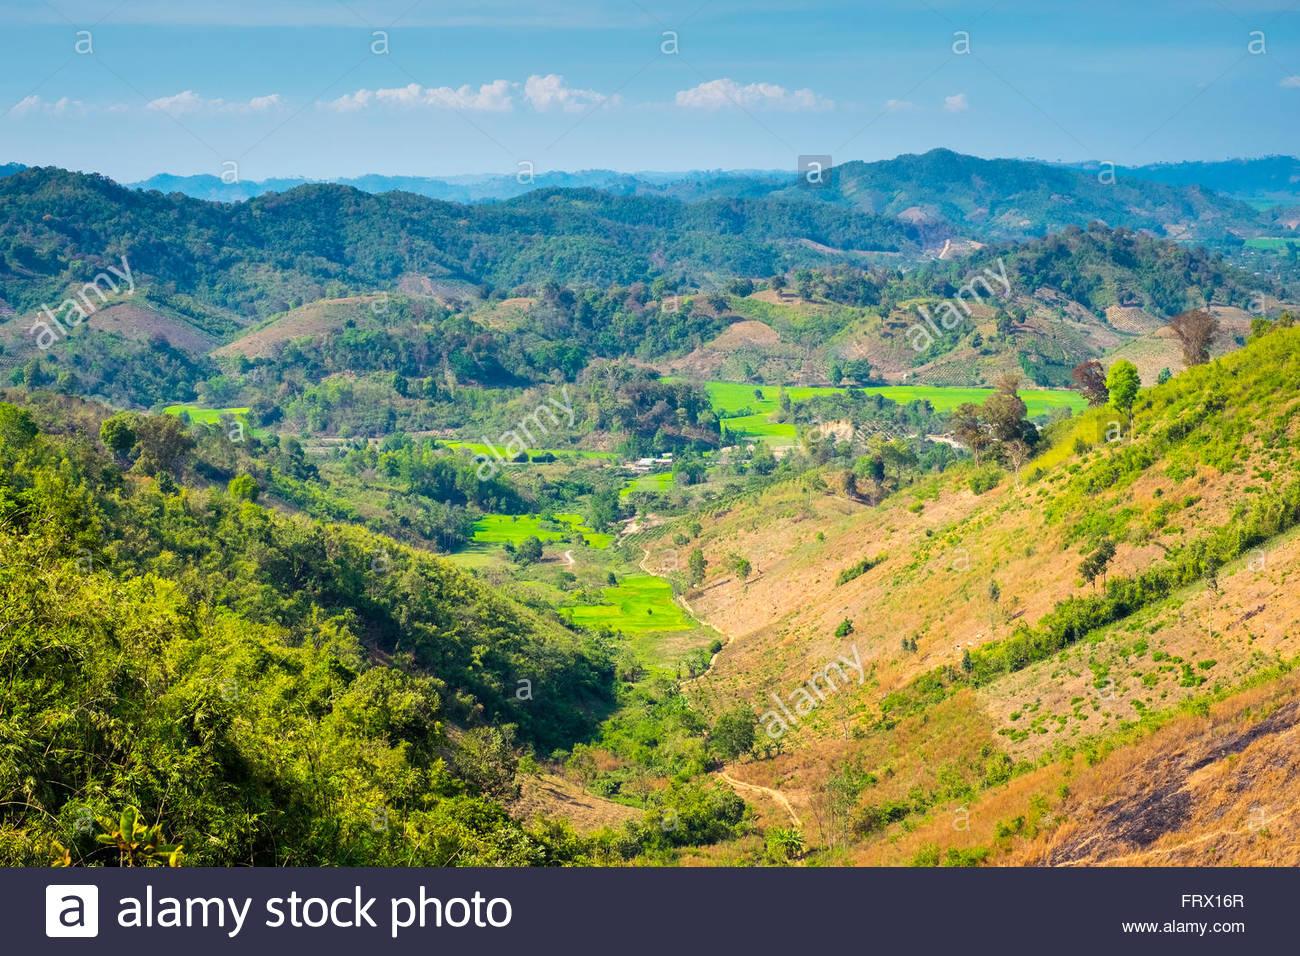 Hauts Plateaux du centre du paysage, province de Dak Lak, Vietnam Photo Stock